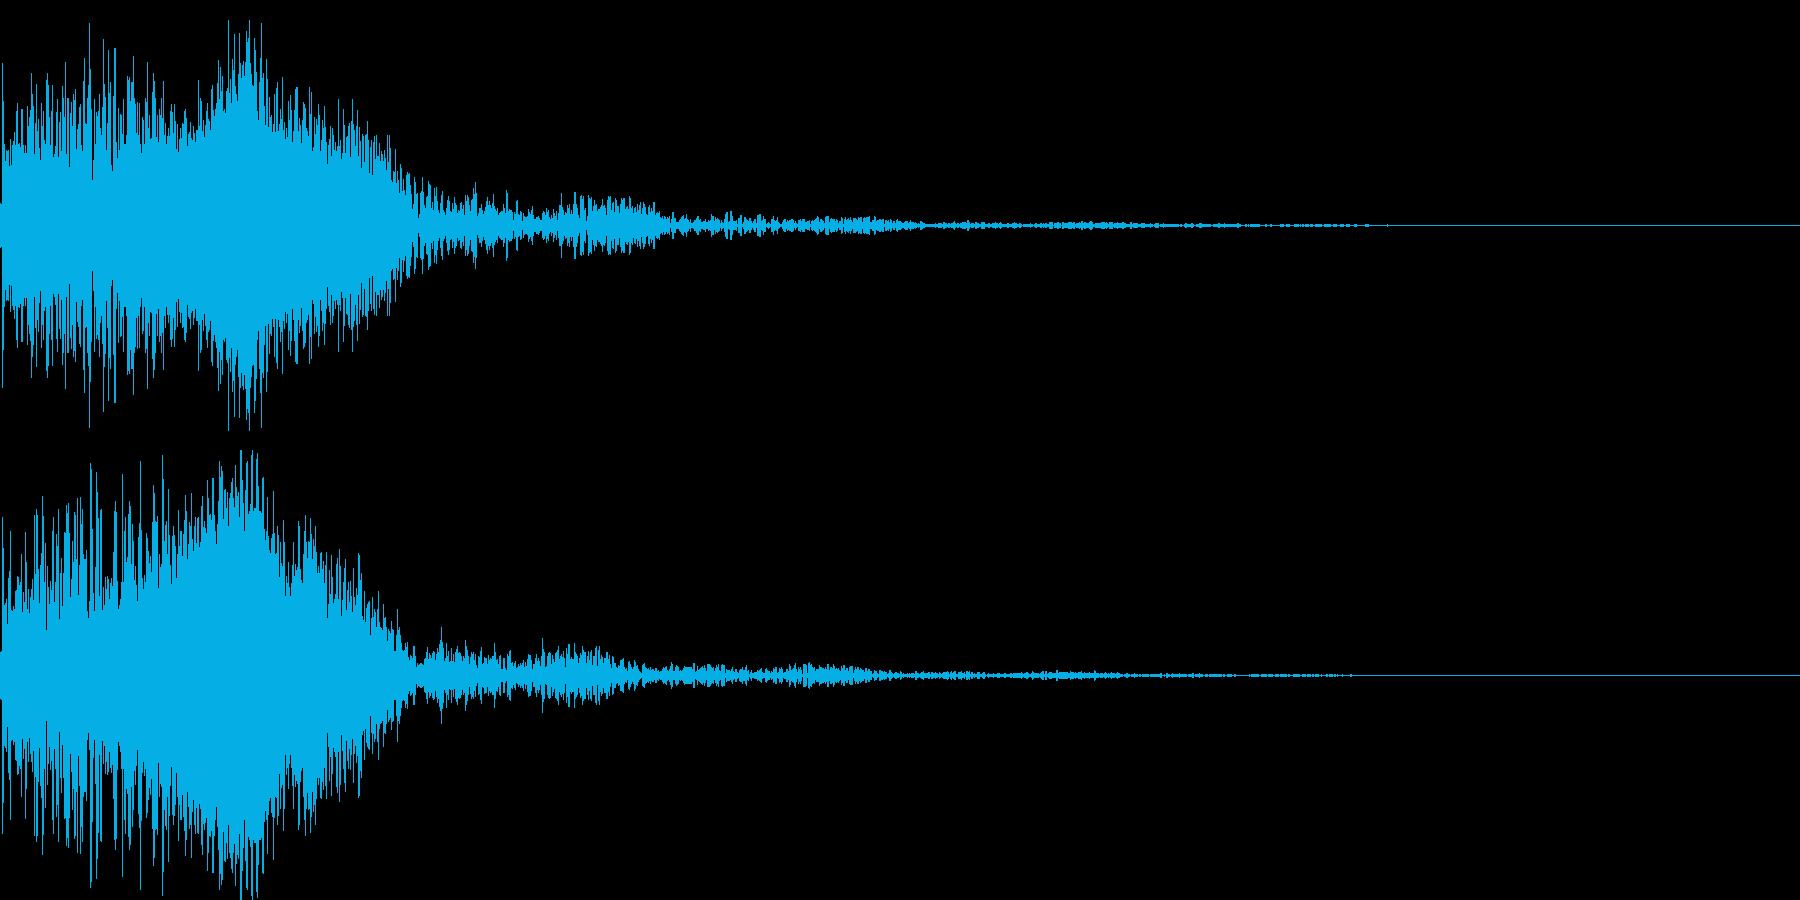 太鼓と尺八の和風インパクトジングル!06の再生済みの波形